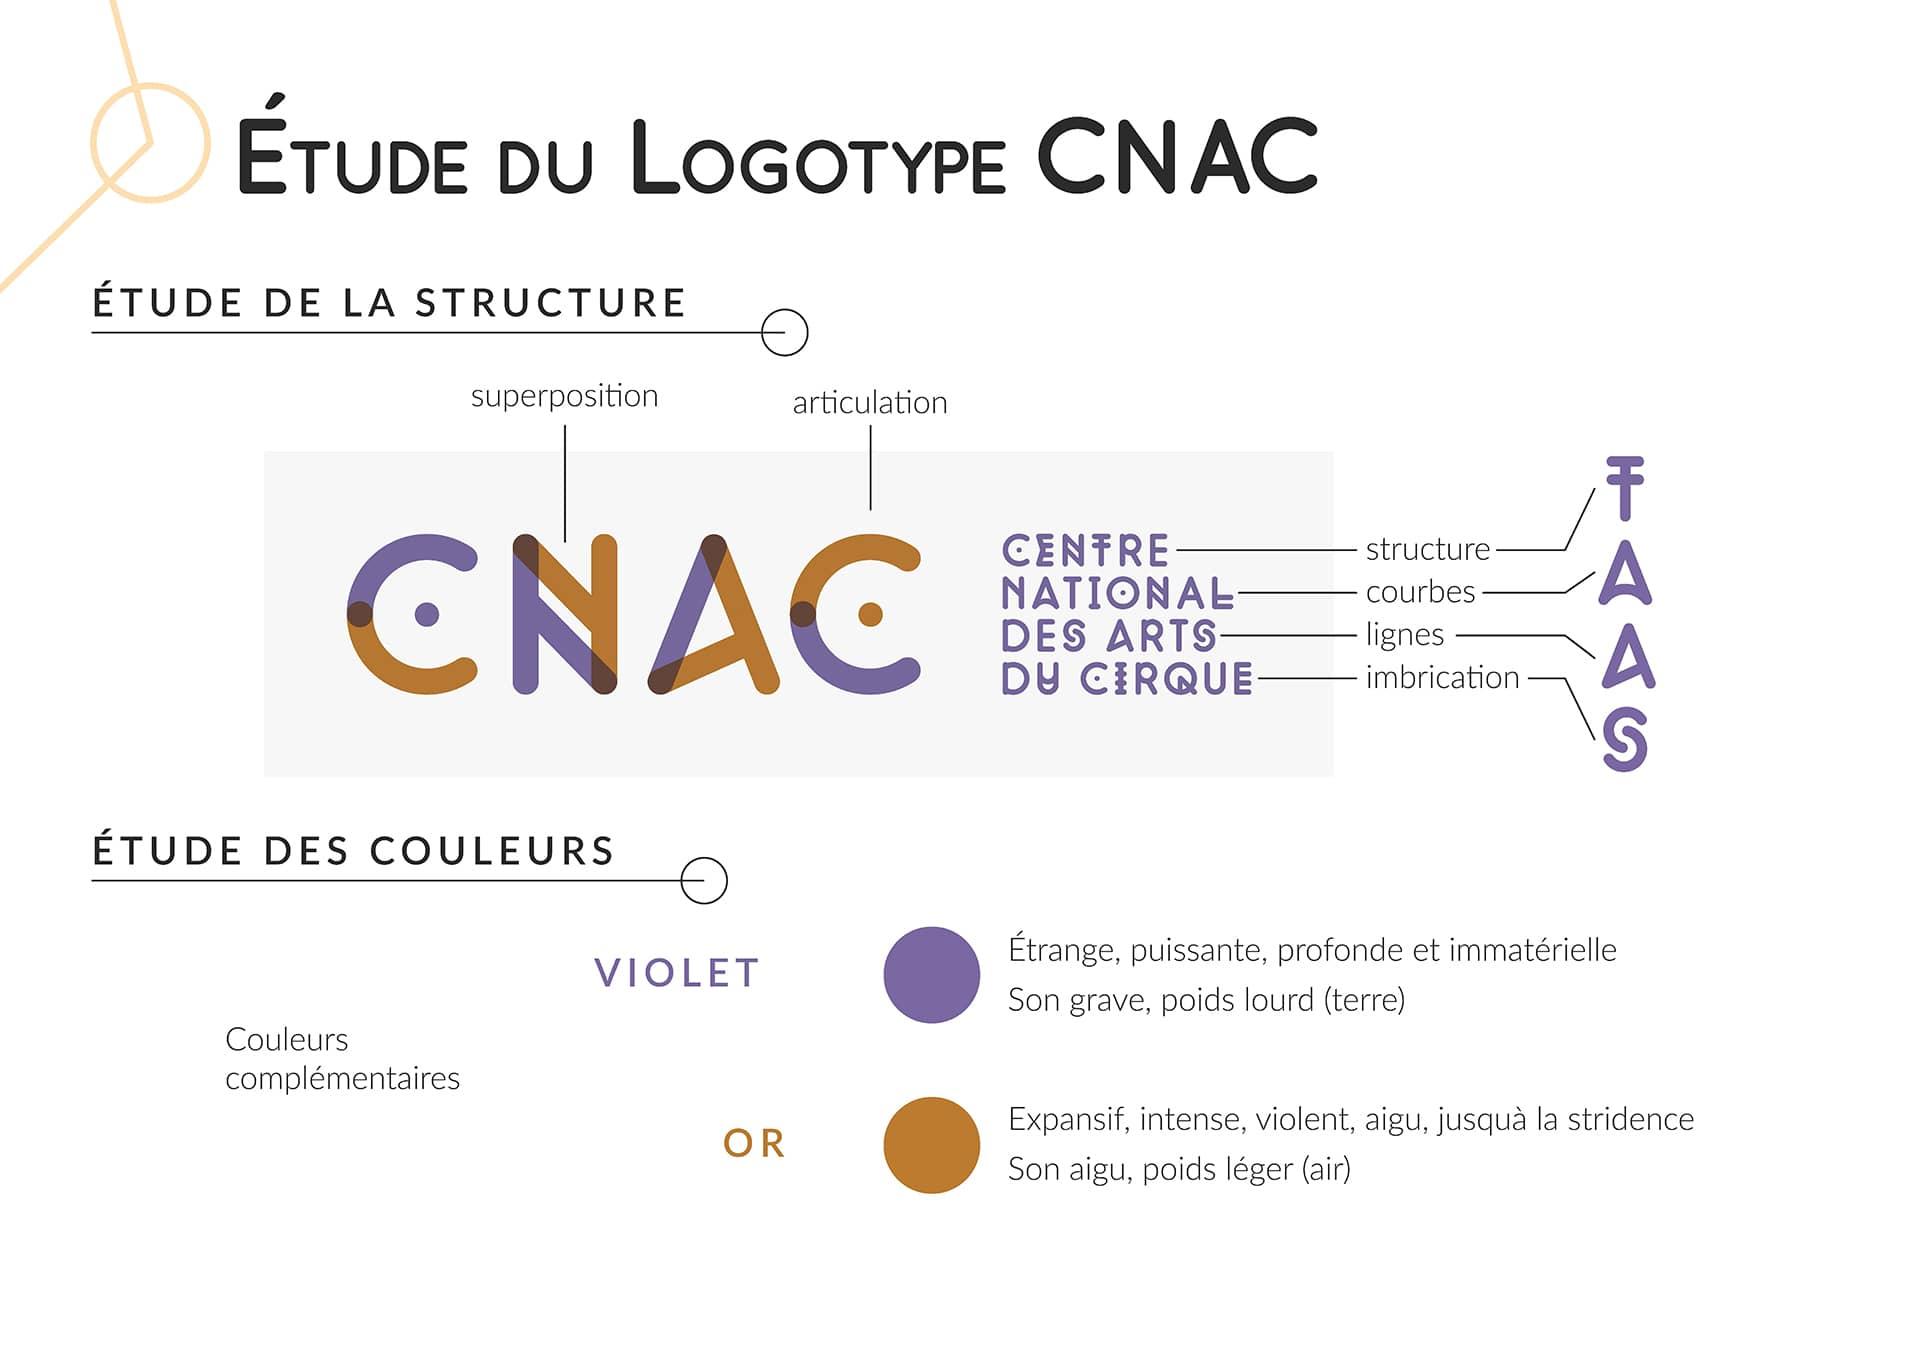 Etude du logotype CNAC